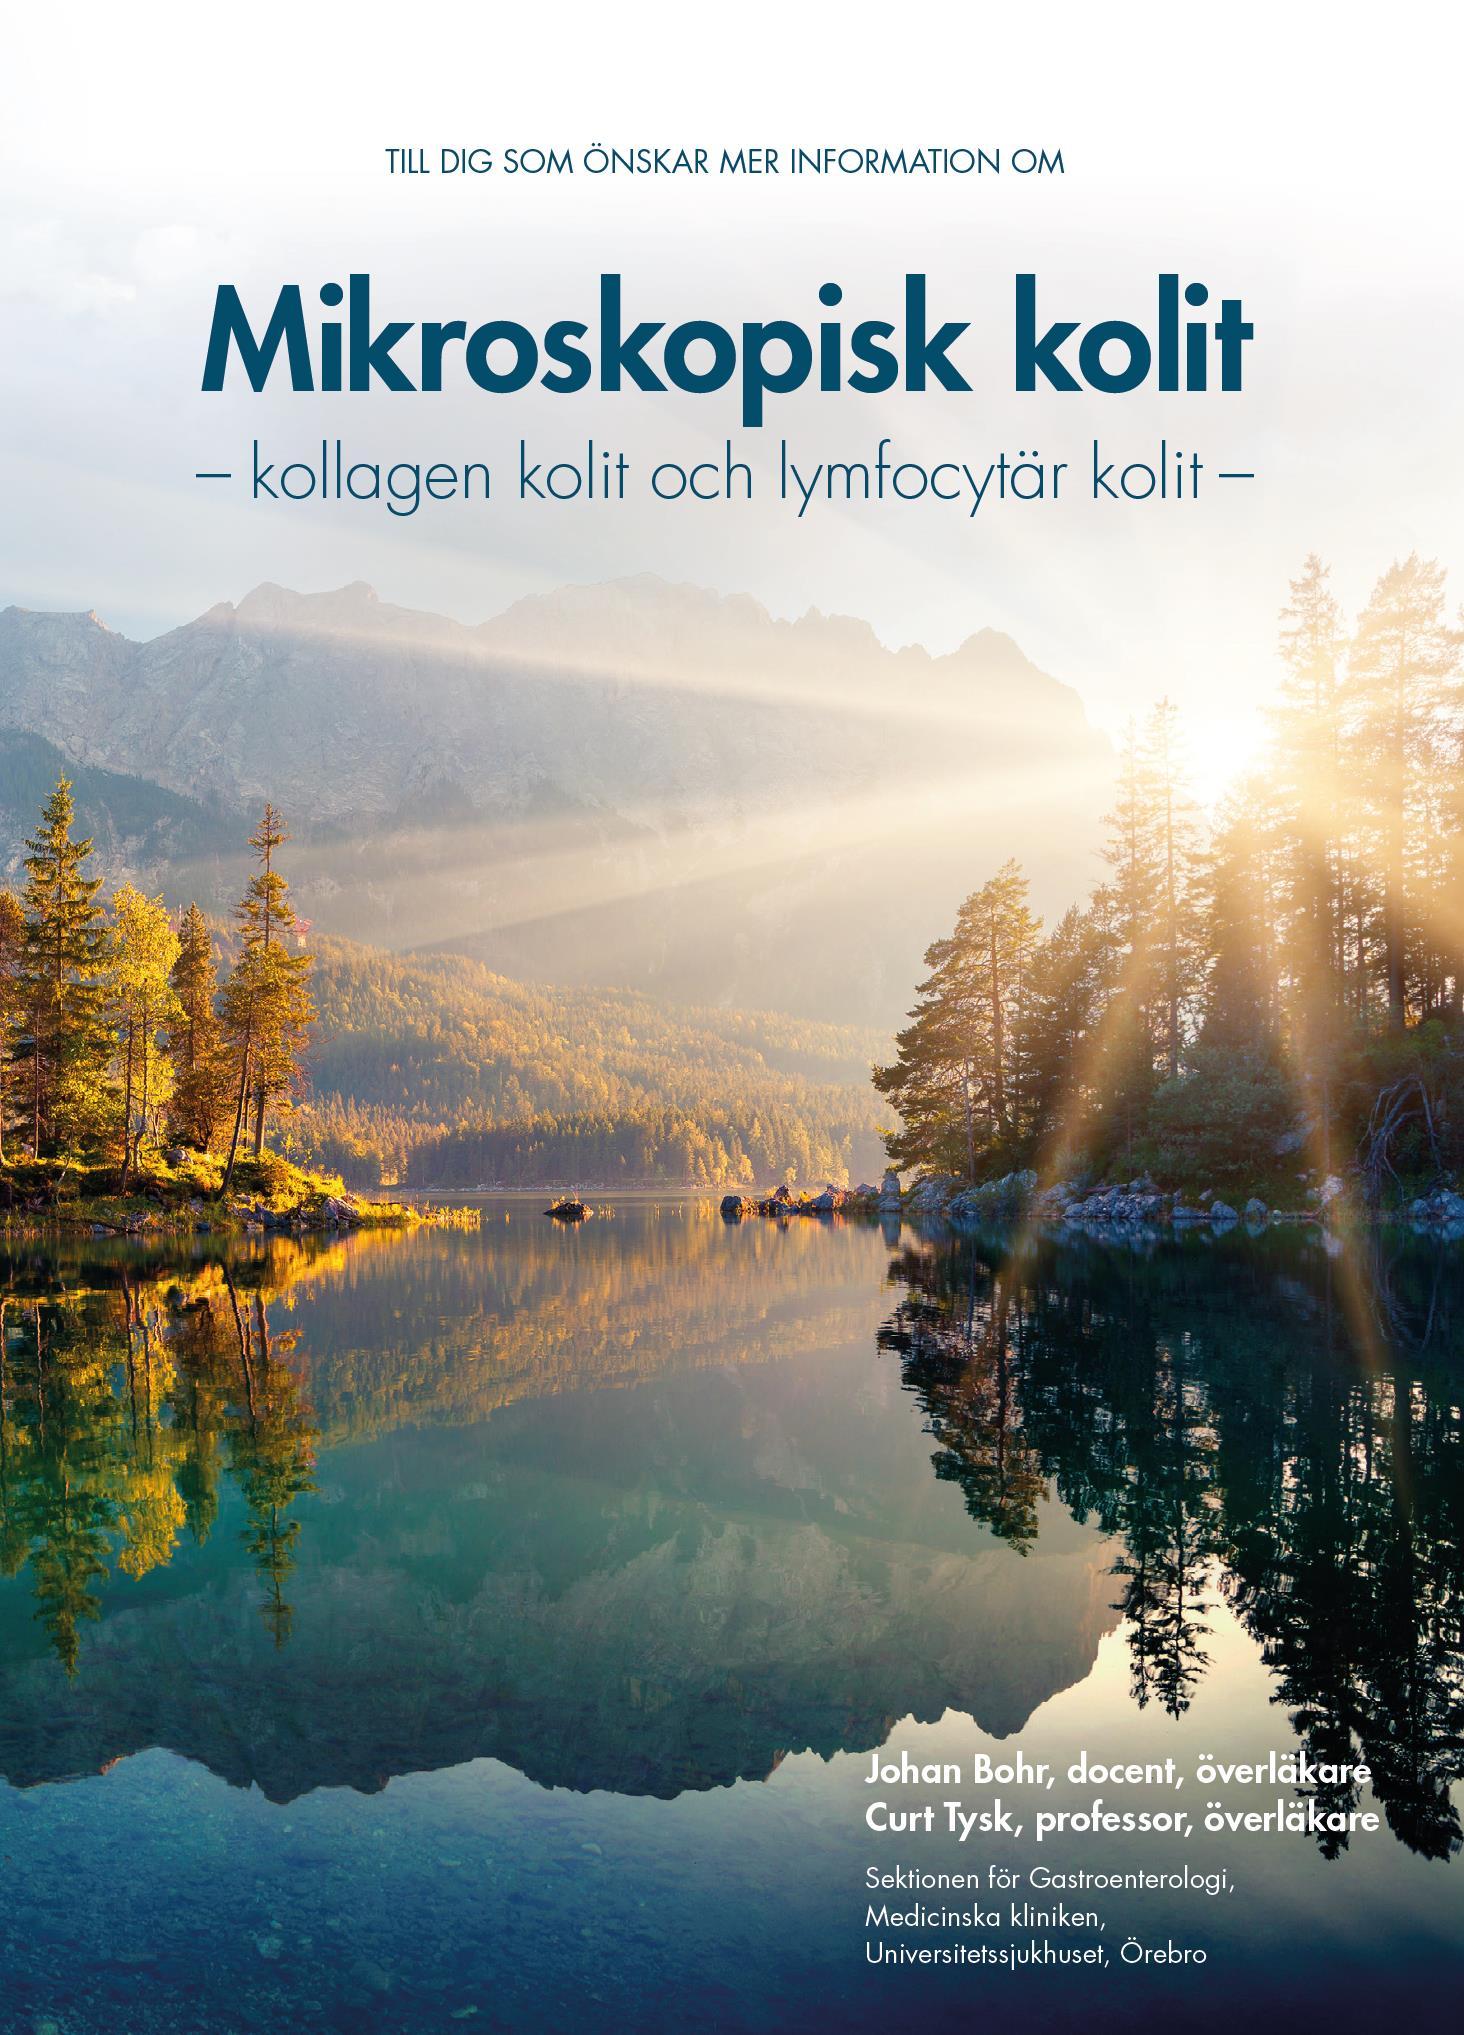 Patientinformation om mikroskopisk kolit, av Johan Bohr och Curt Tysk